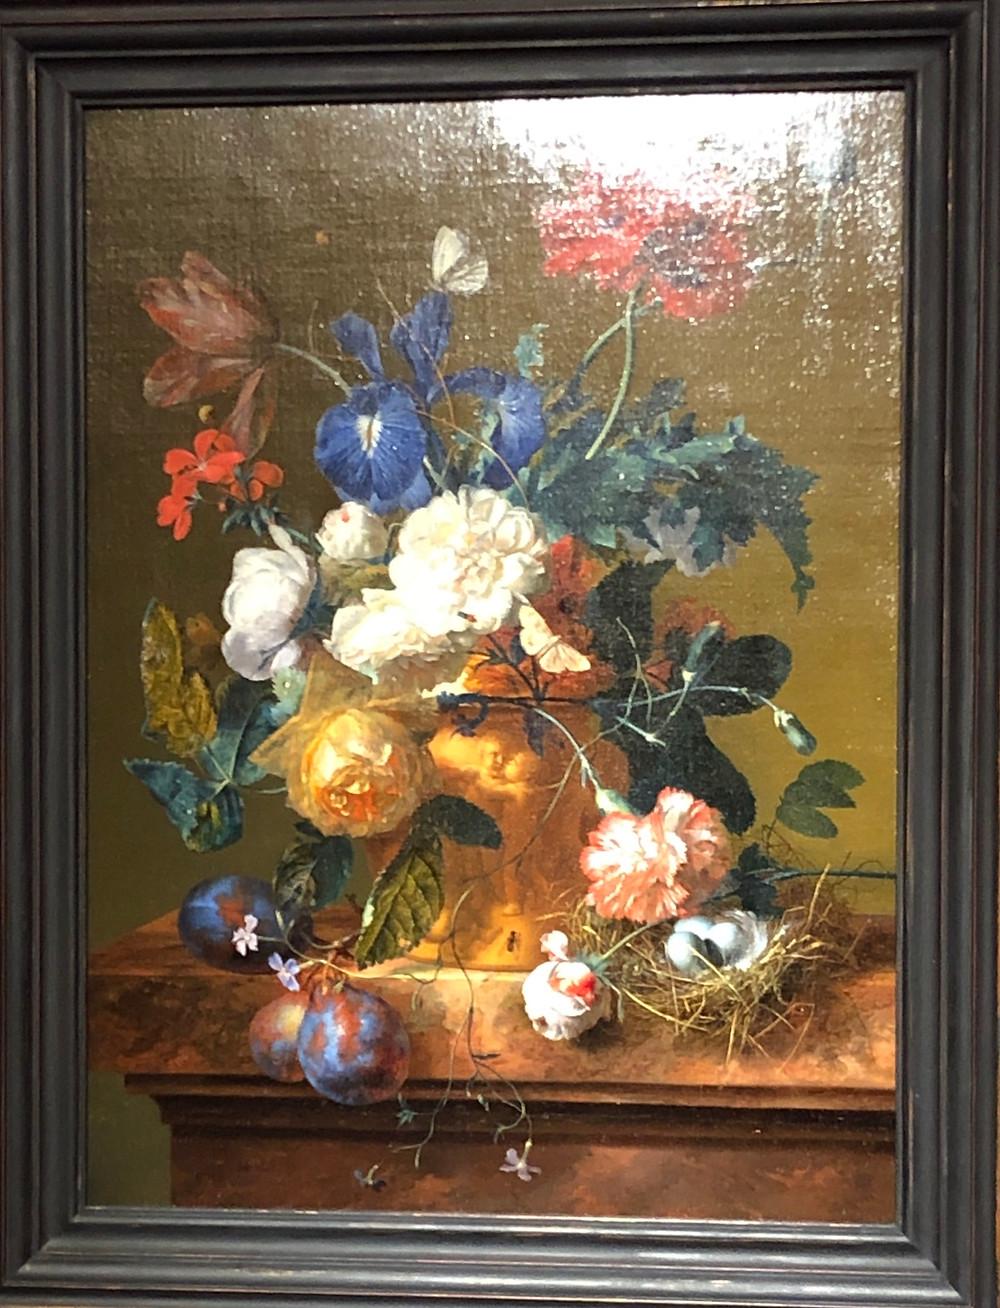 Jan van Huysum (1682-1749); Vase of Flowers; oil on canvas; 18.50 in (47.00 cm) x 13.77 in (35.00 cm).